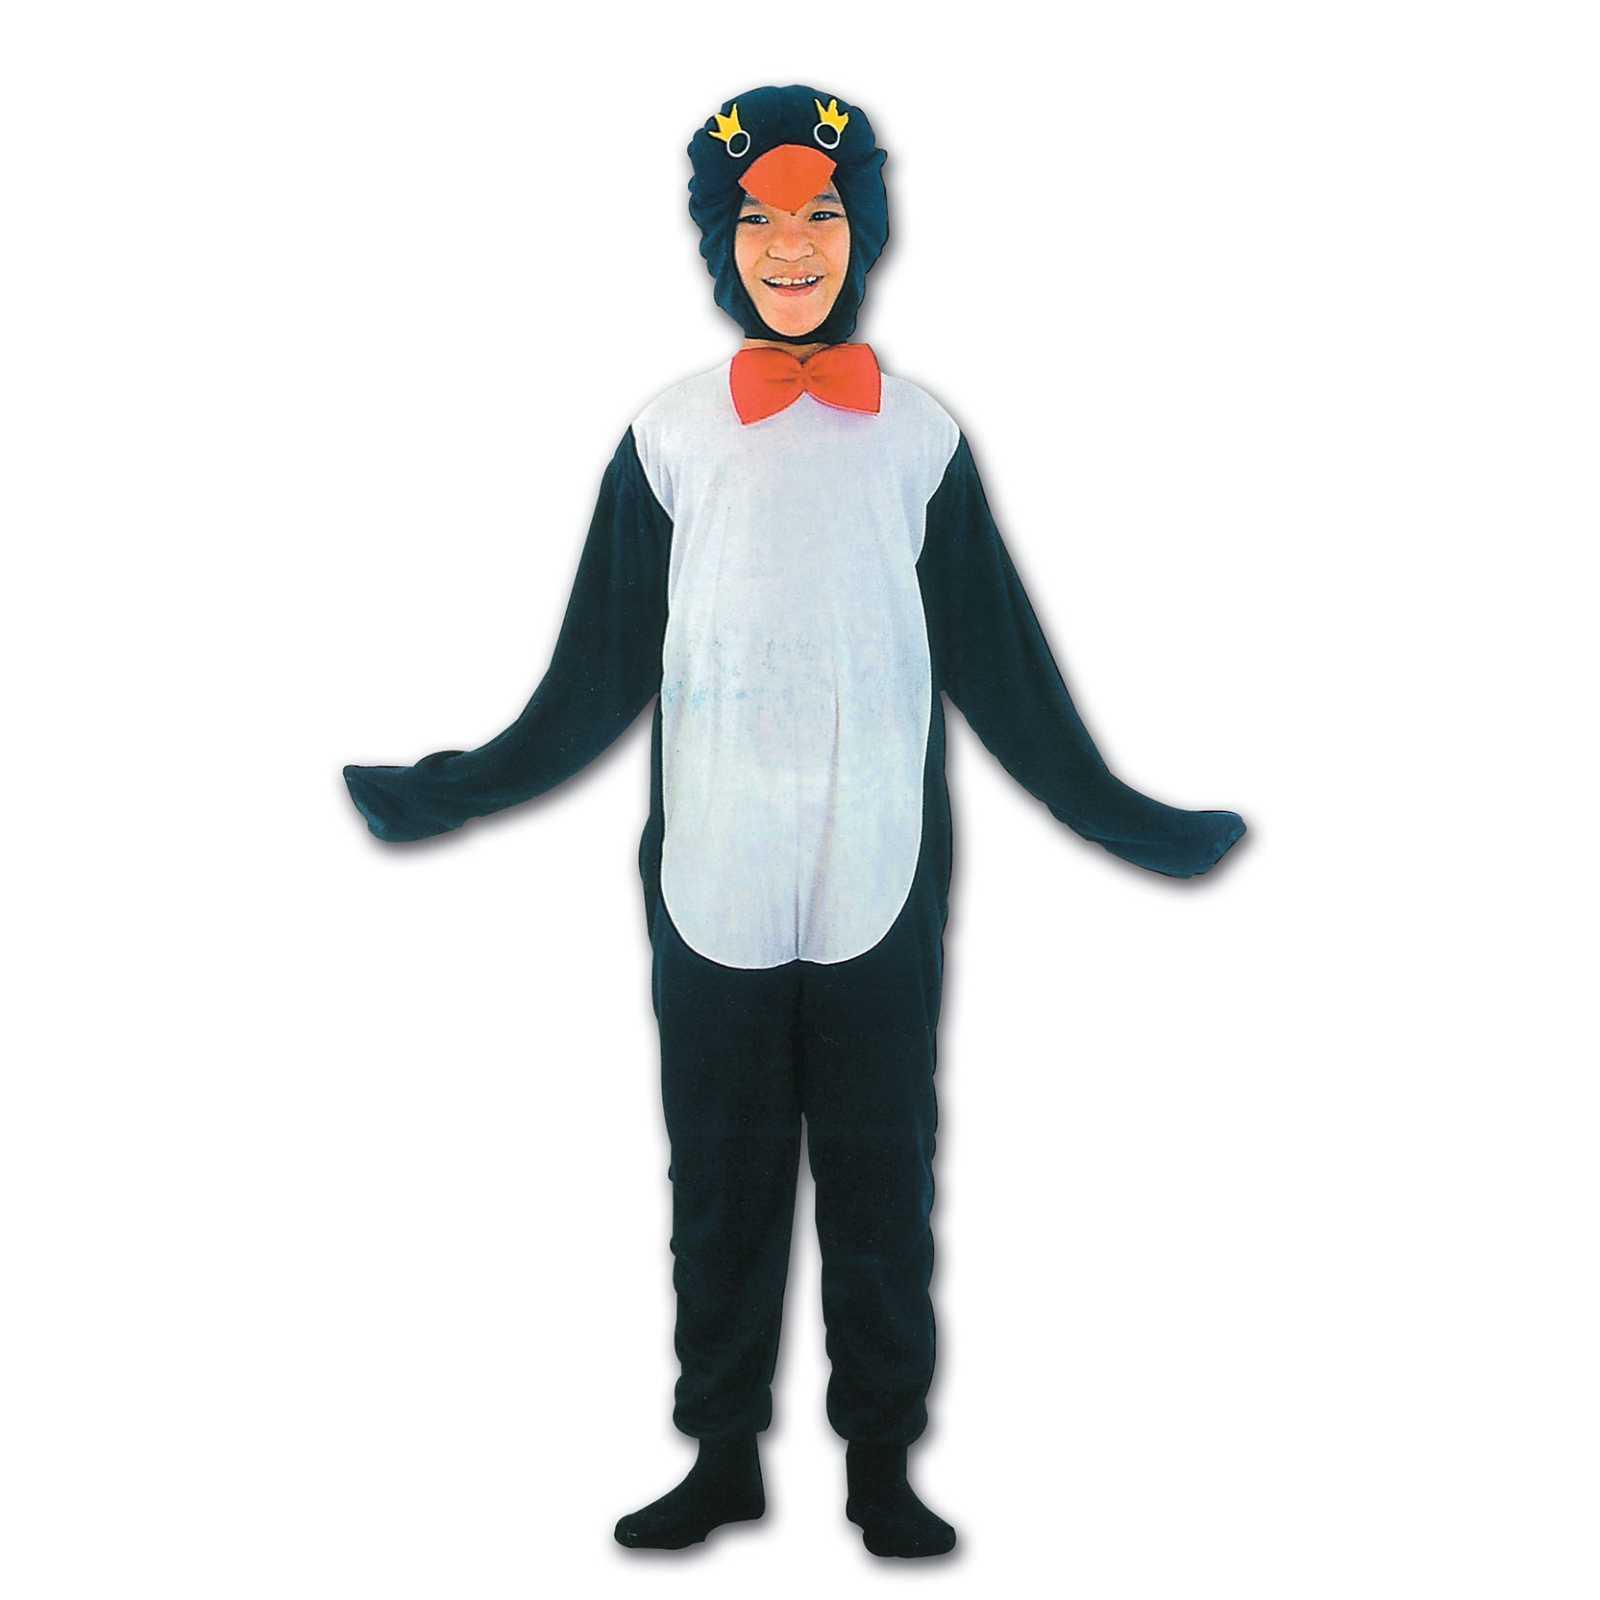 Ebay - Pingouin rigolo ...